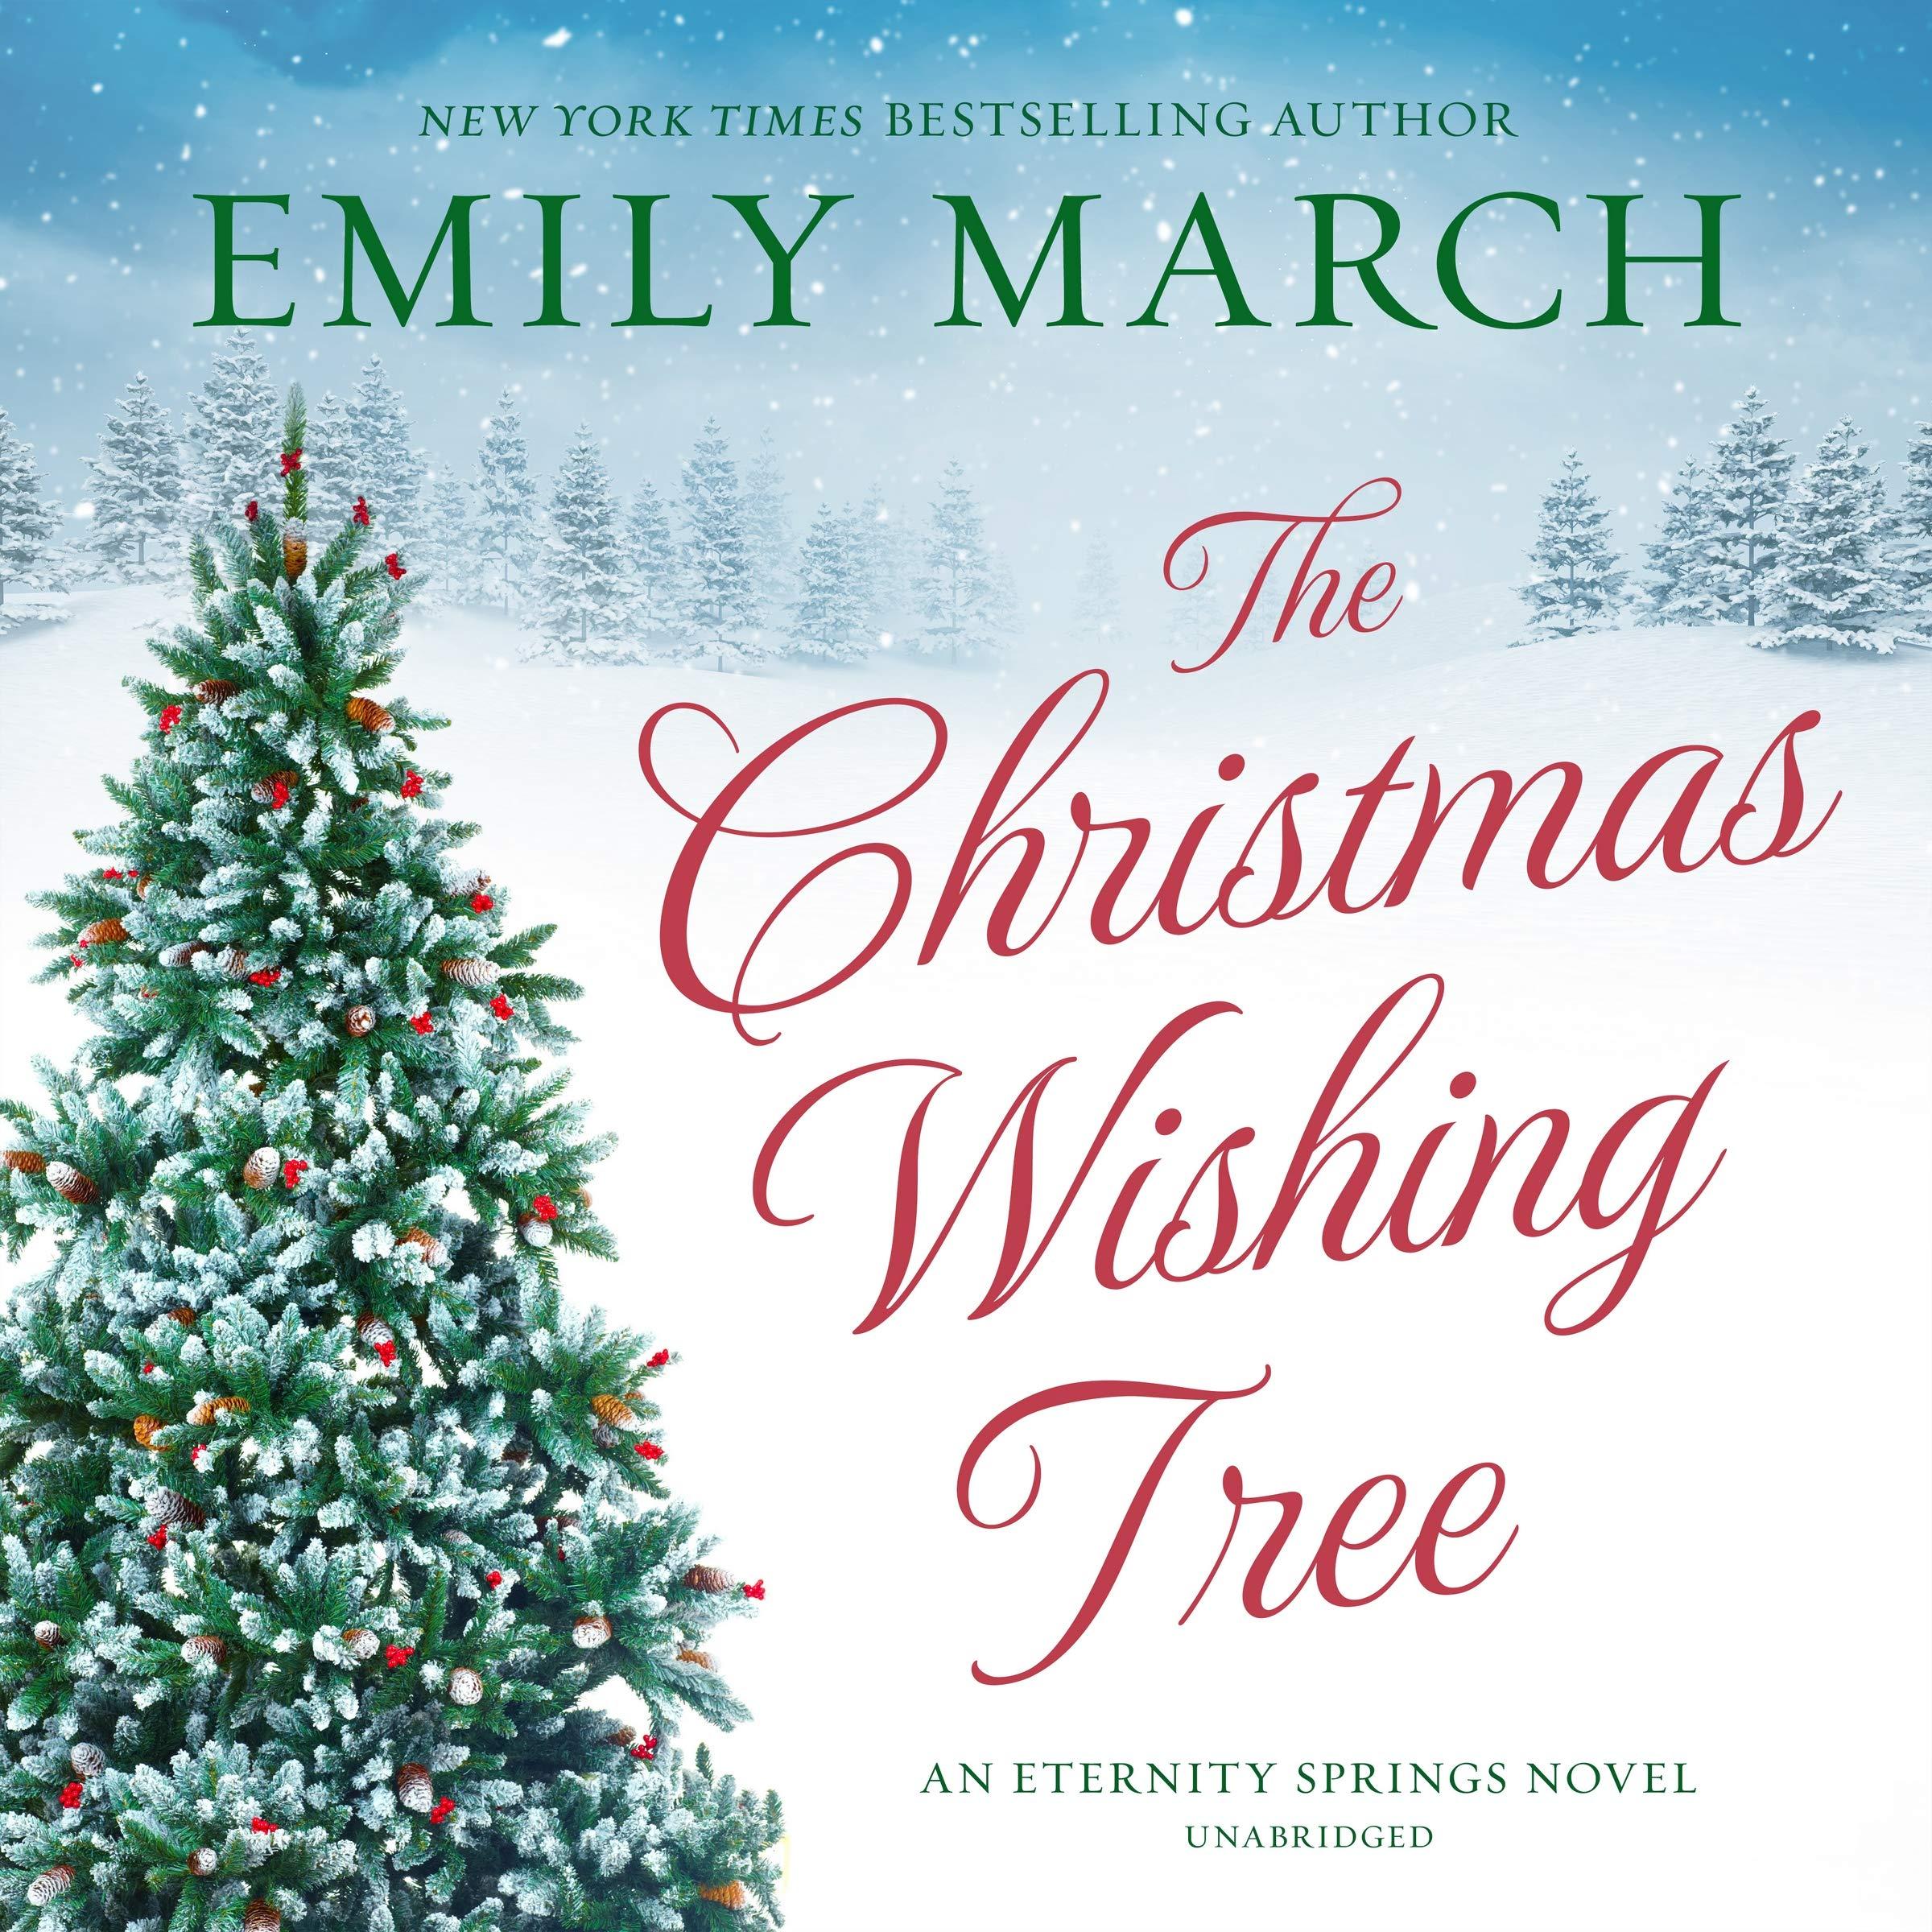 The Christmas Wishing Tree (Eternity Springs): Amazon.co.uk: Emily ...